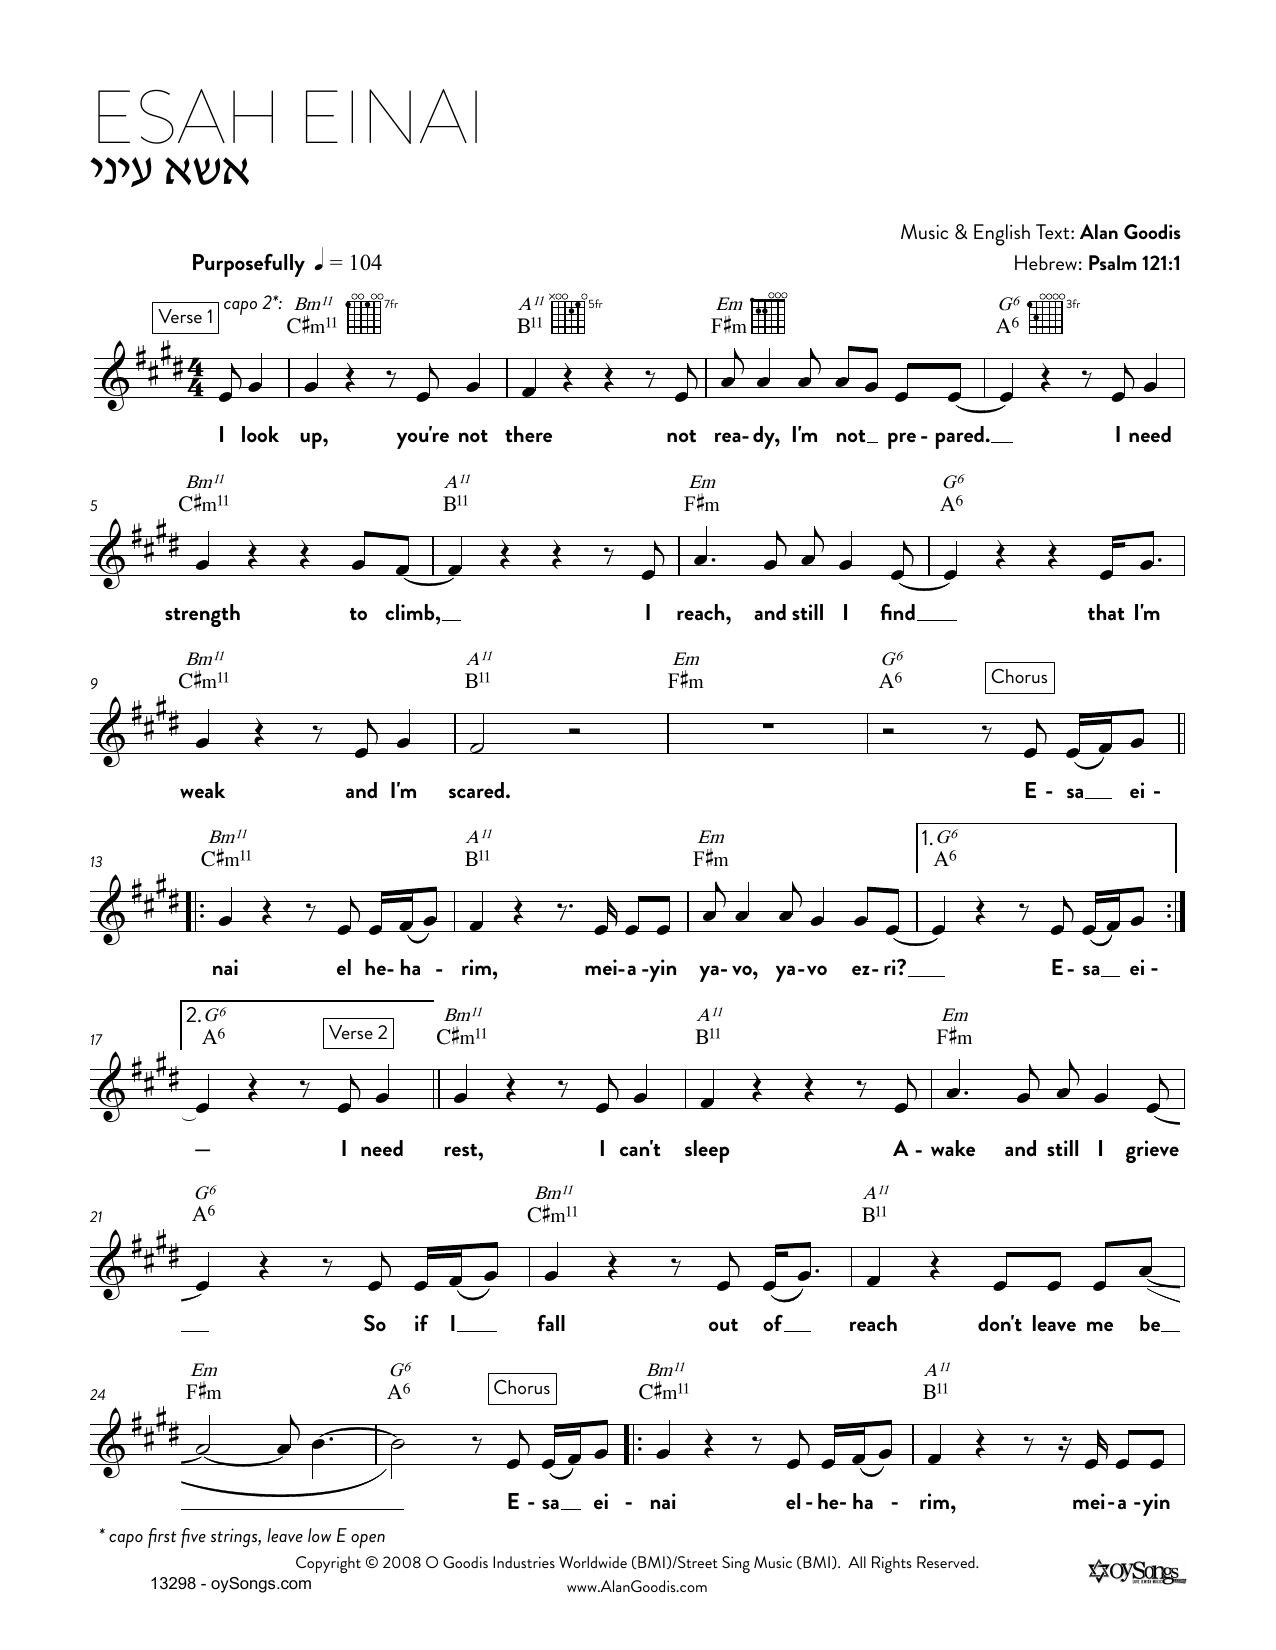 Alan Goodis Esah Einai sheet music notes and chords. Download Printable PDF.